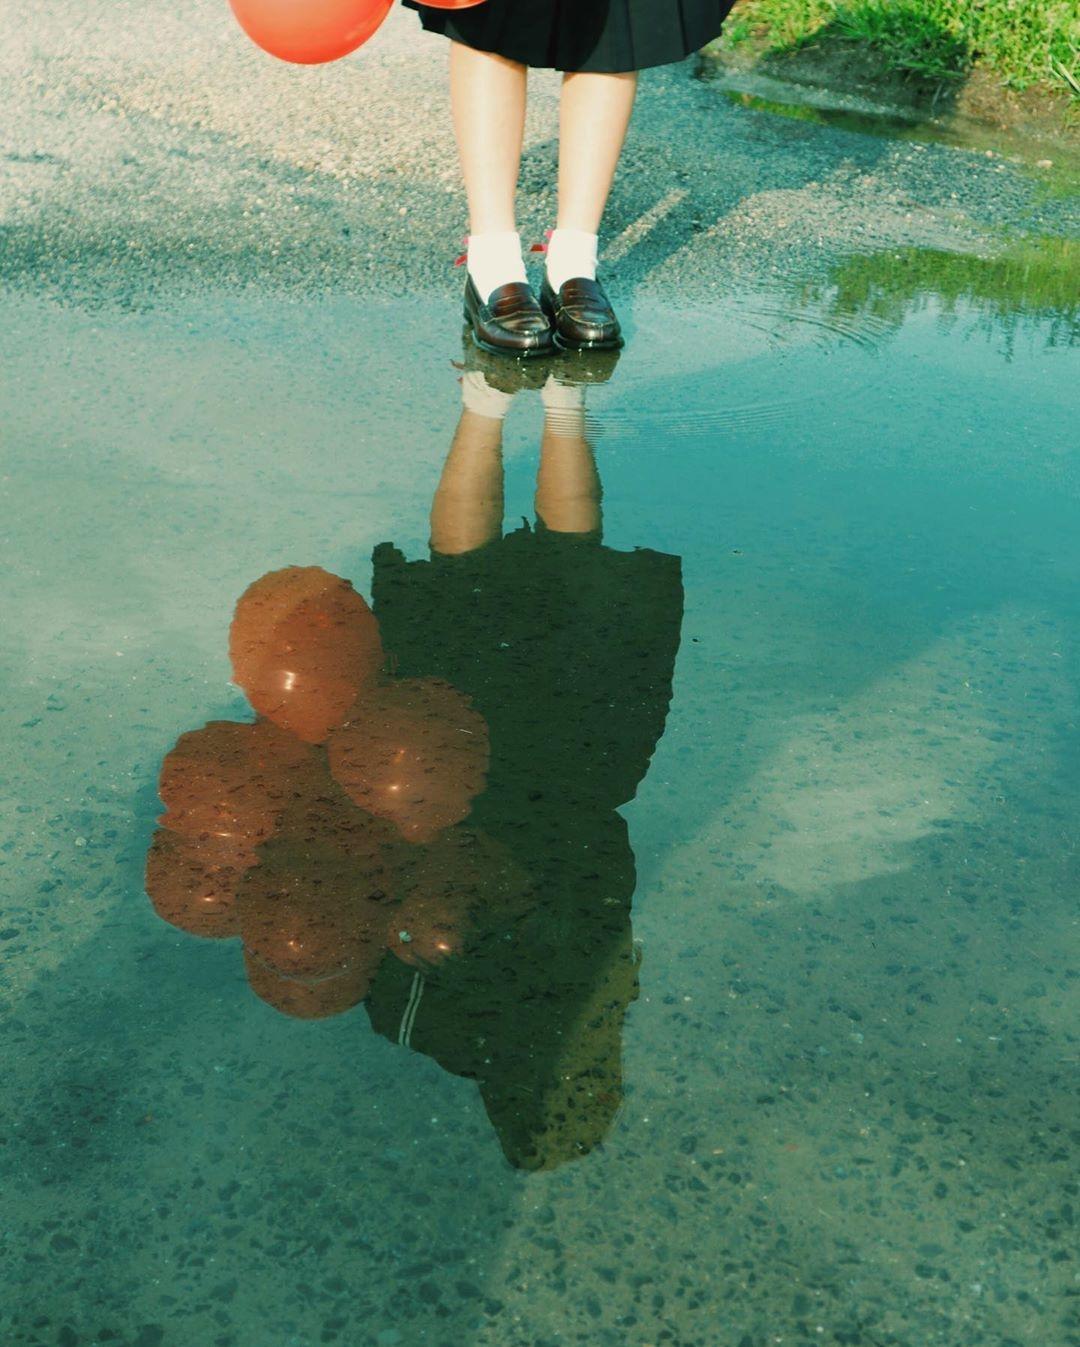 雨の日が私の世界を広げた